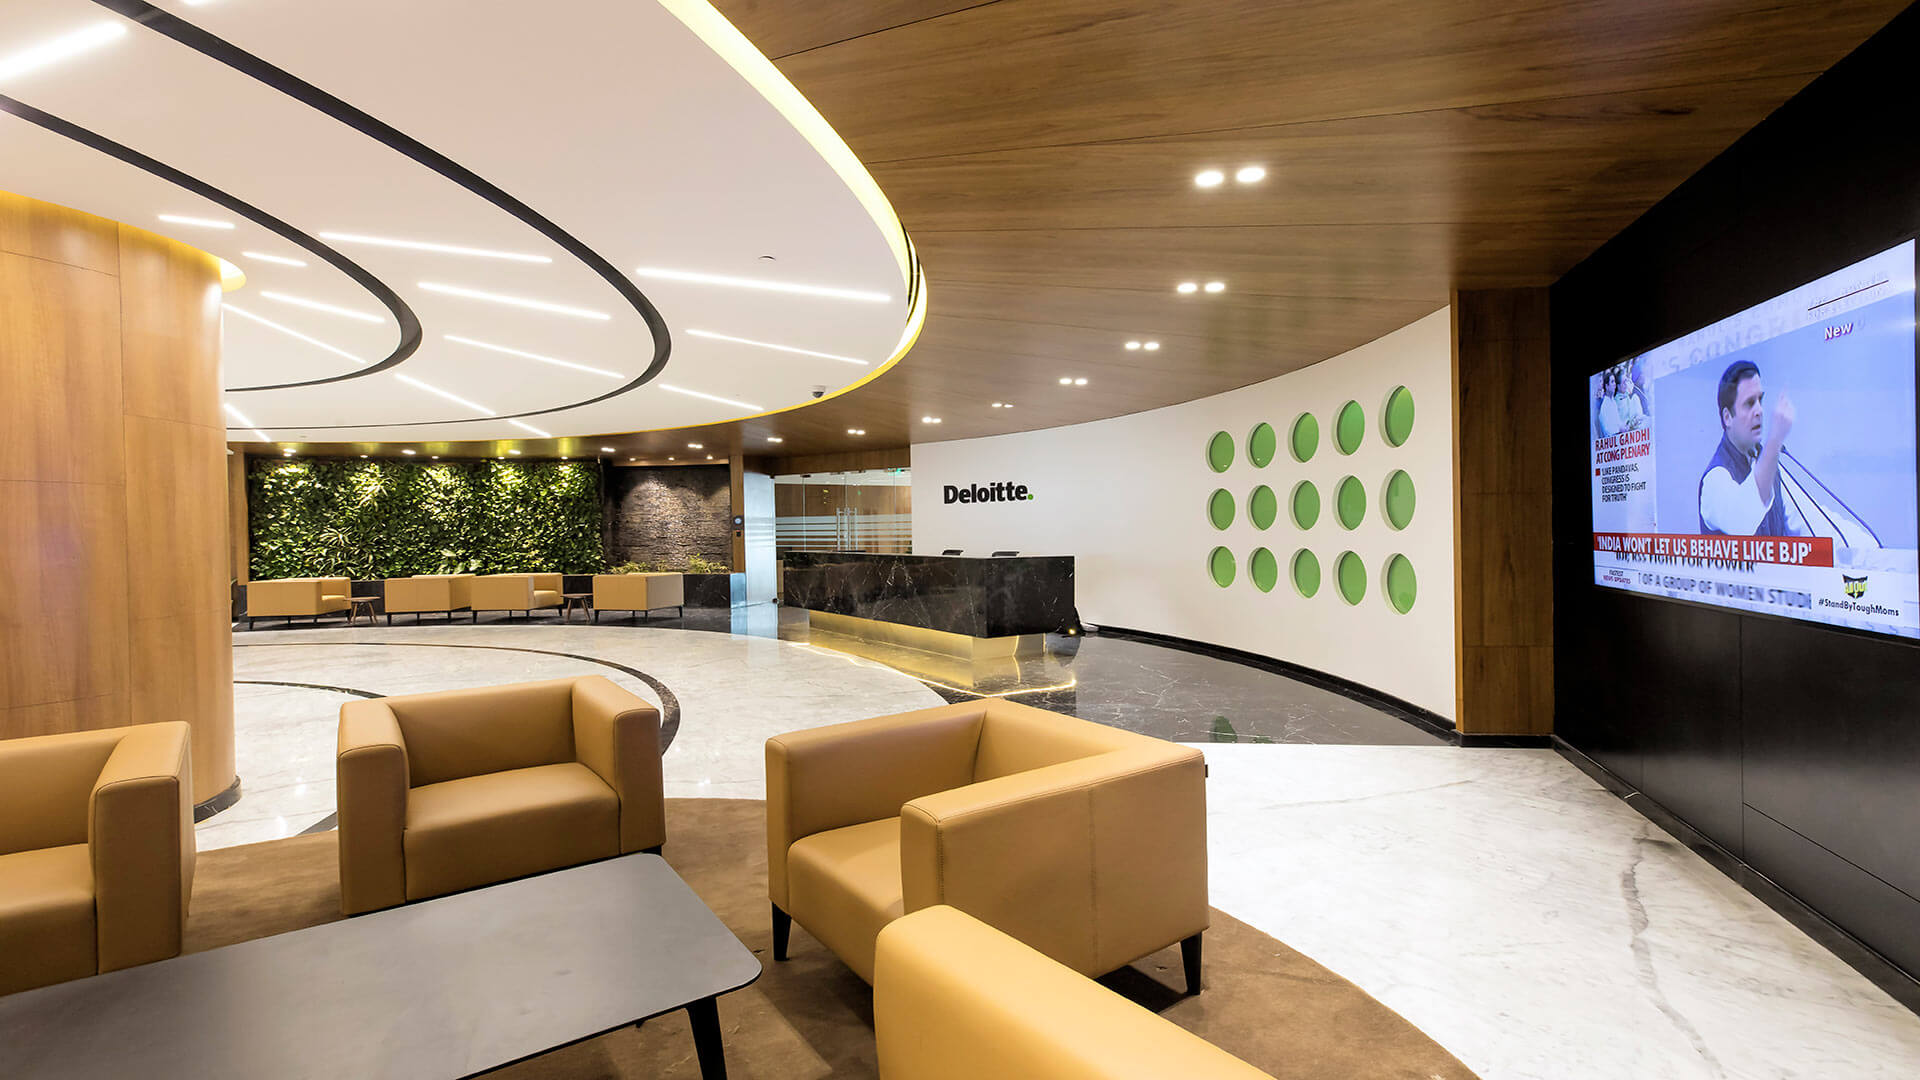 Deloitte_Interiors_01